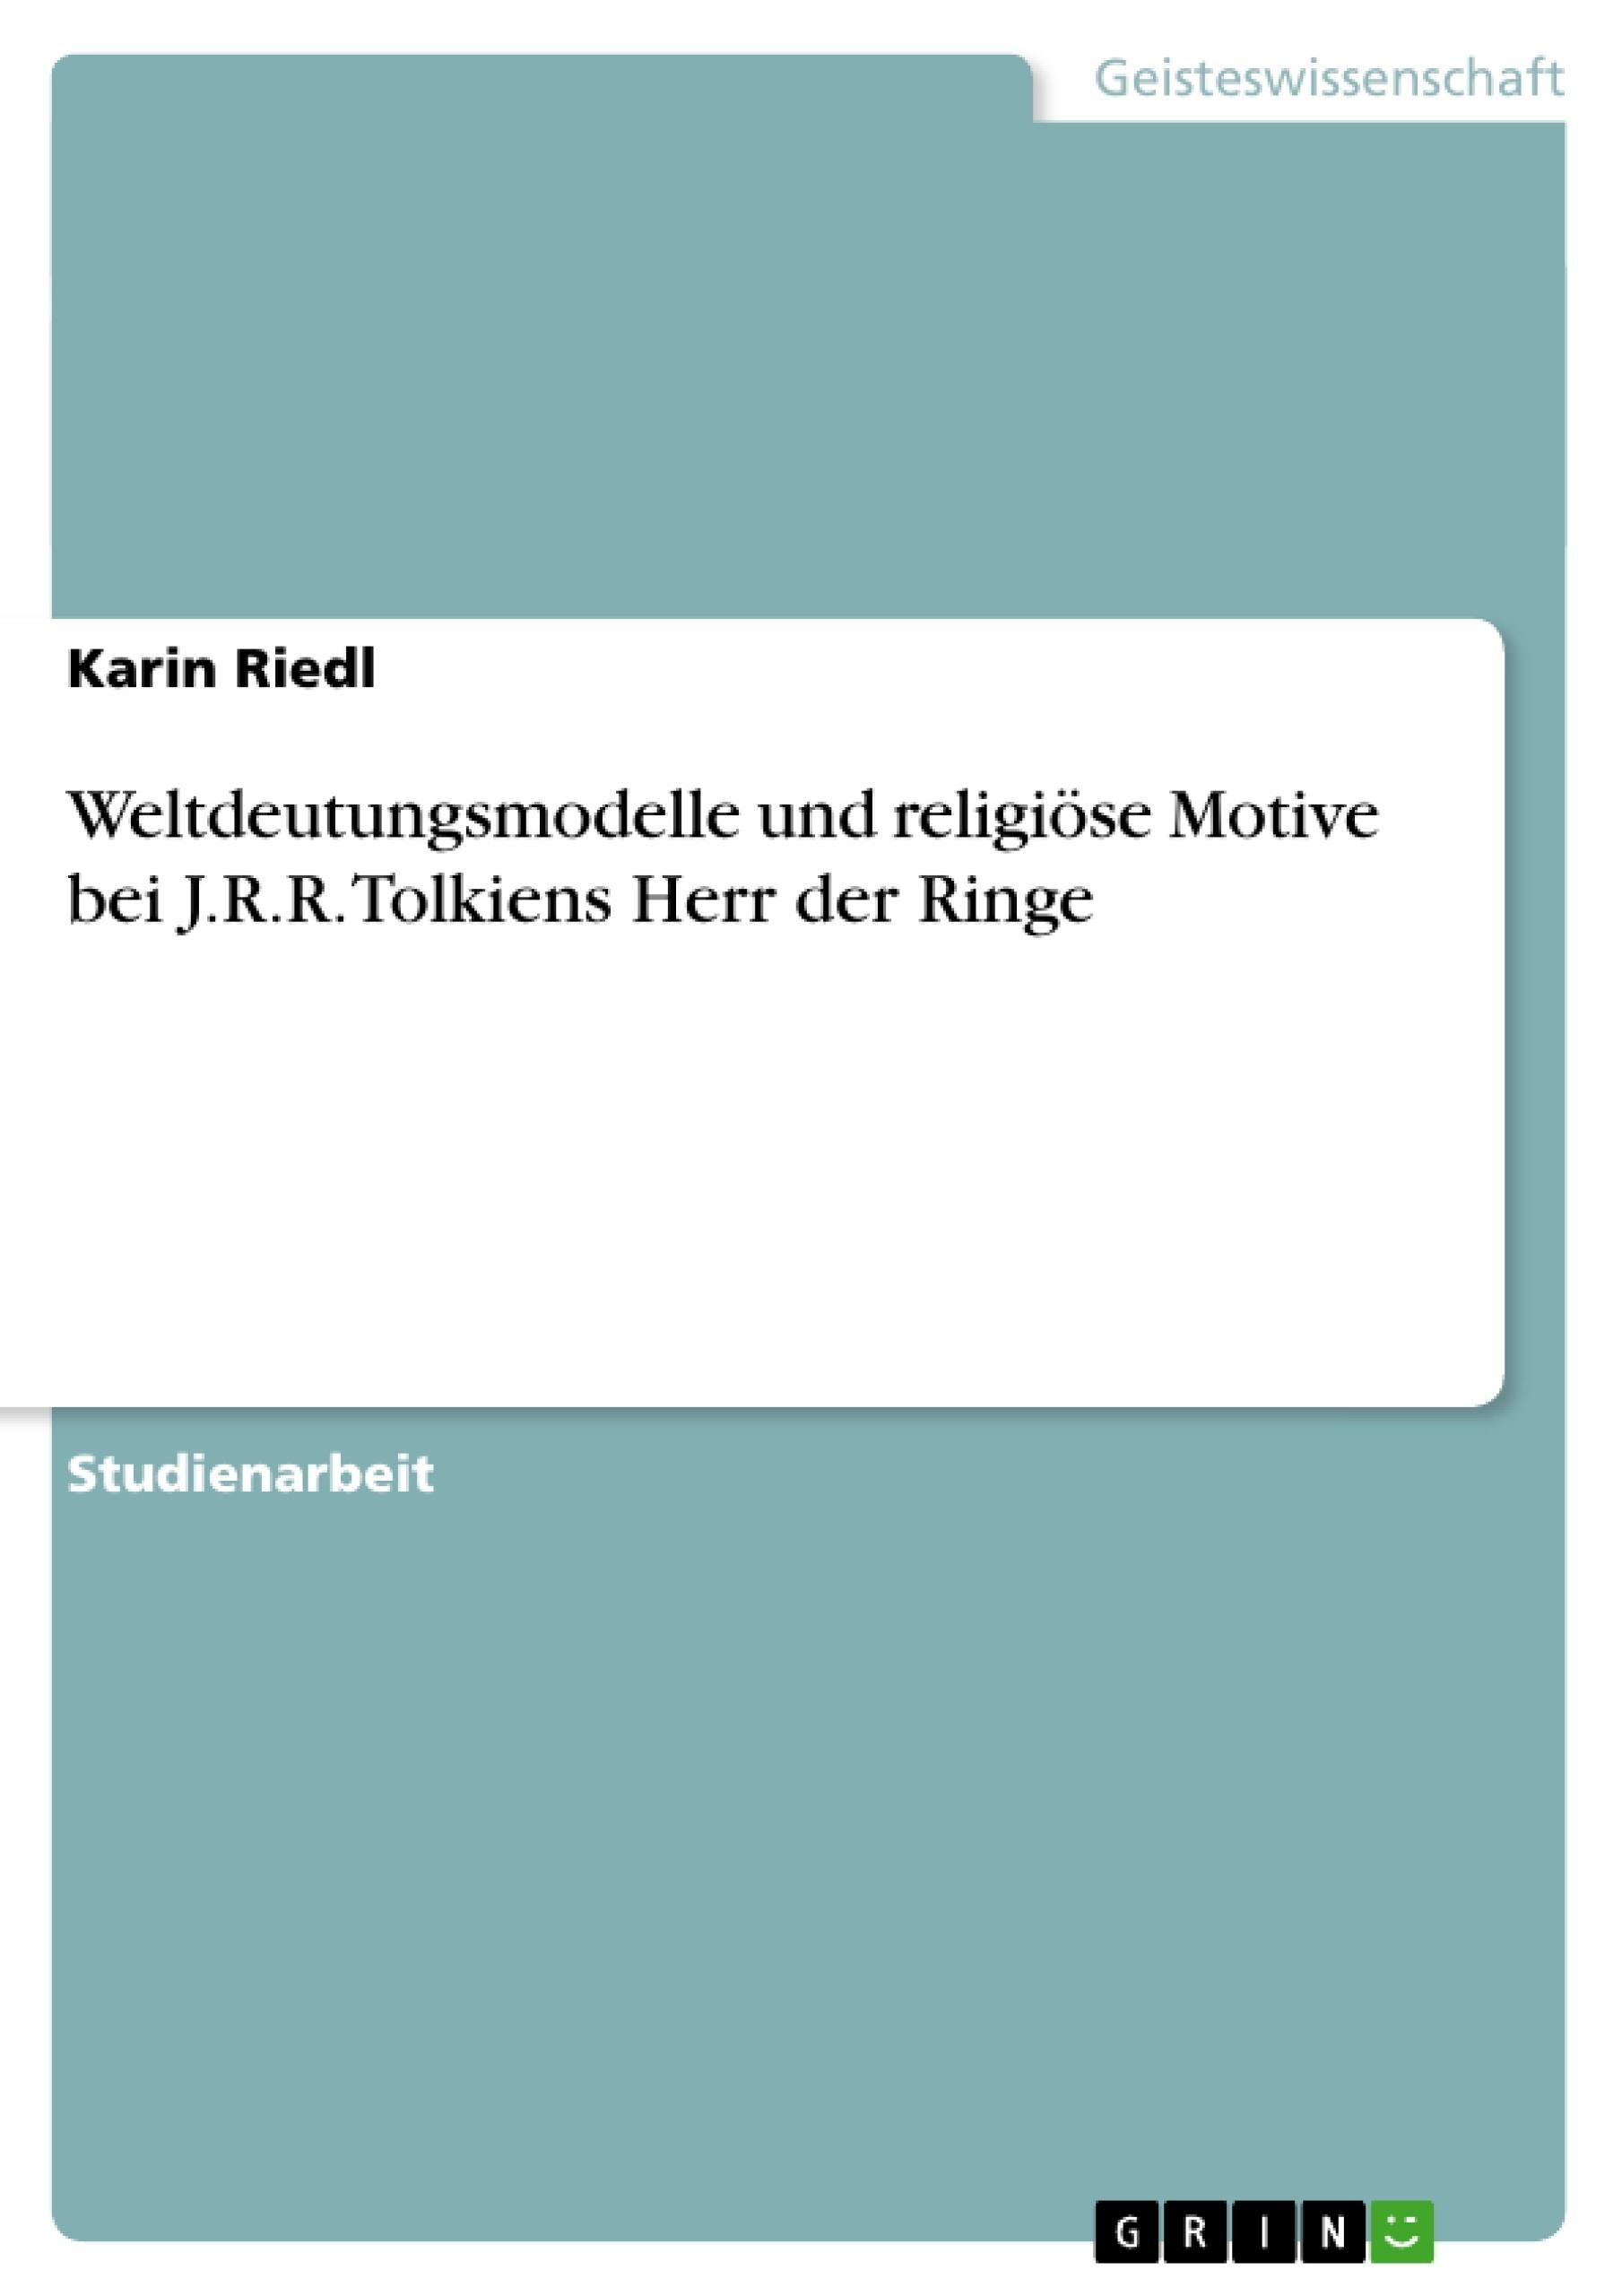 Titel: Weltdeutungsmodelle und religiöse Motive bei J.R.R. Tolkiens Herr der Ringe